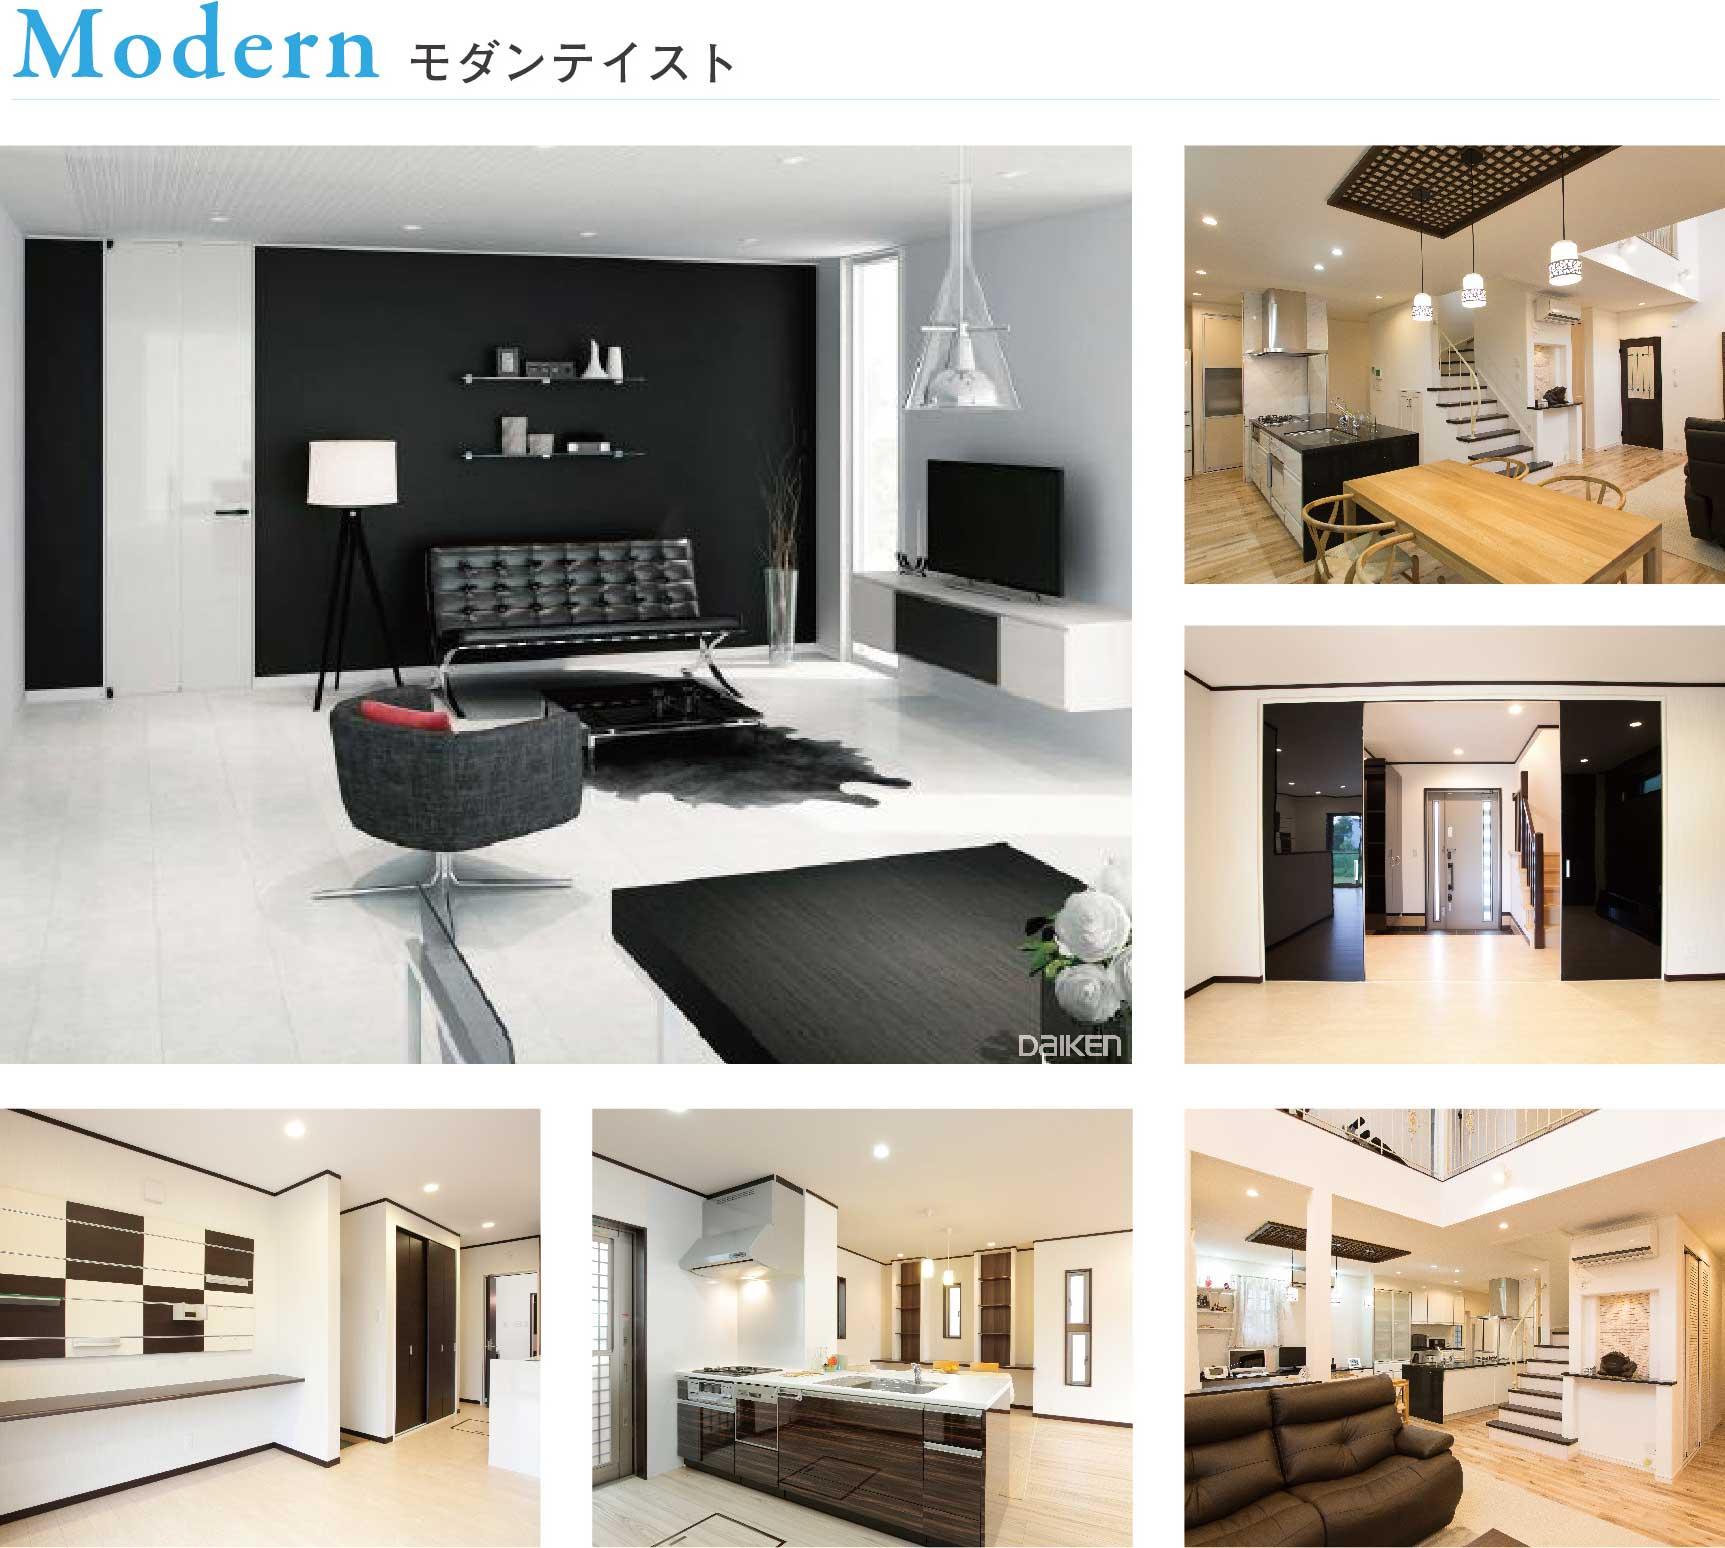 注文住宅の施工写真例「モダンテイスト Modern」